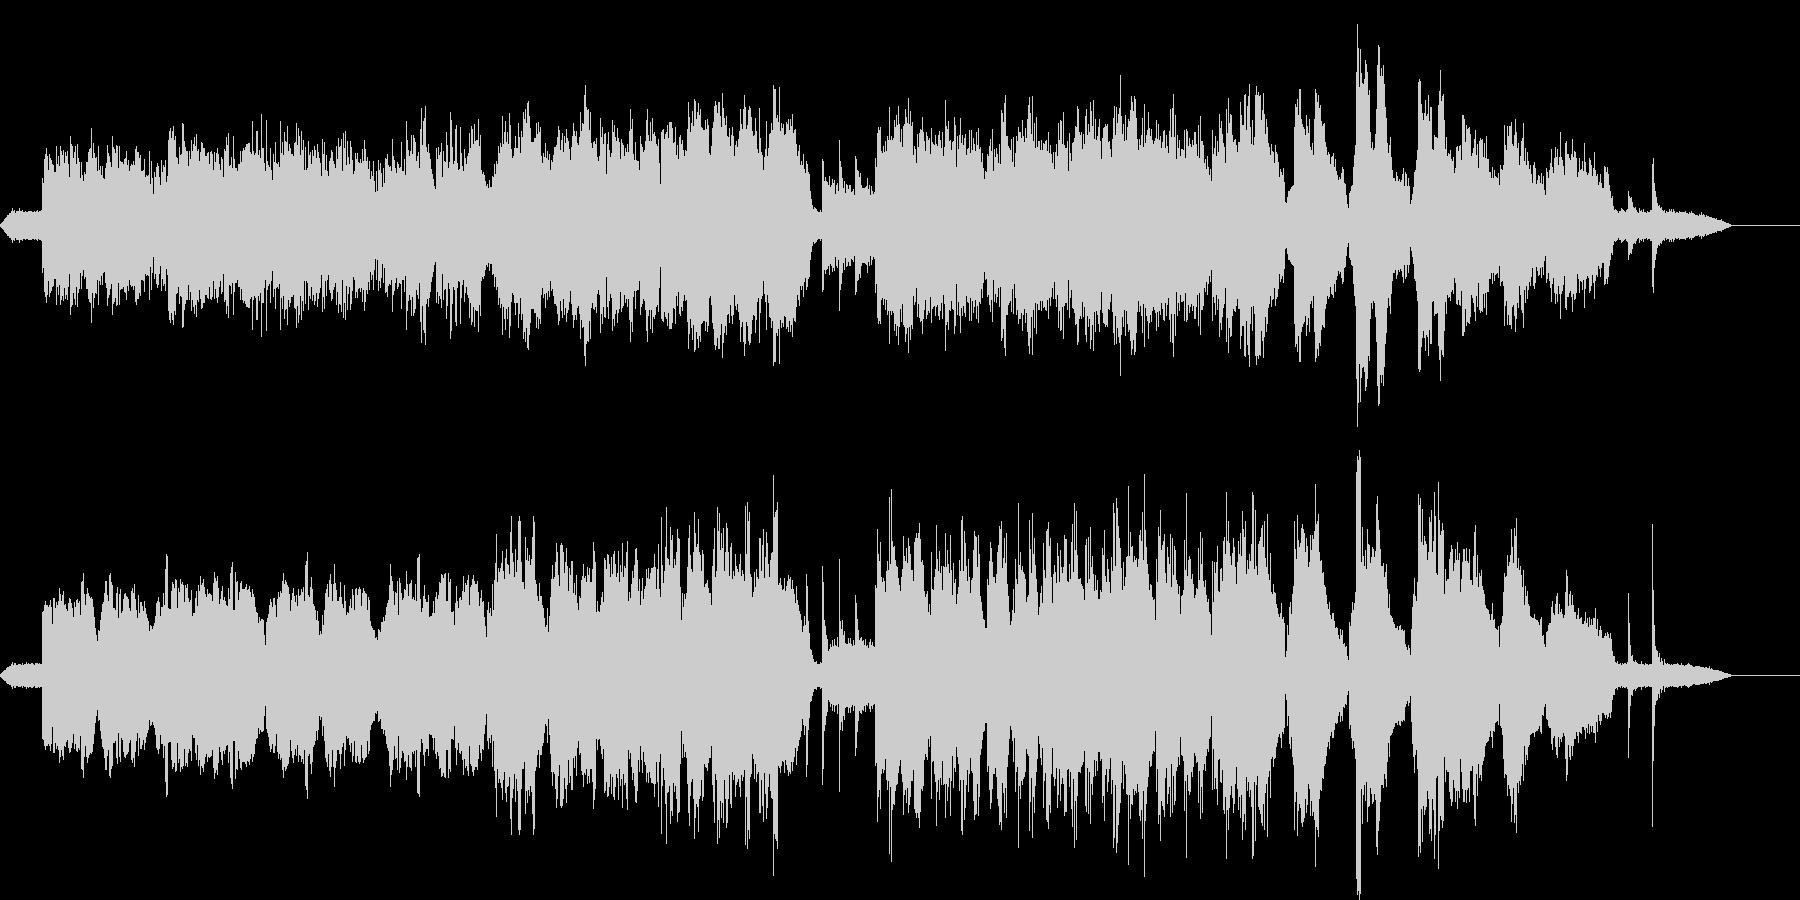 オーボエソロとストリングスによる悲しい…の未再生の波形